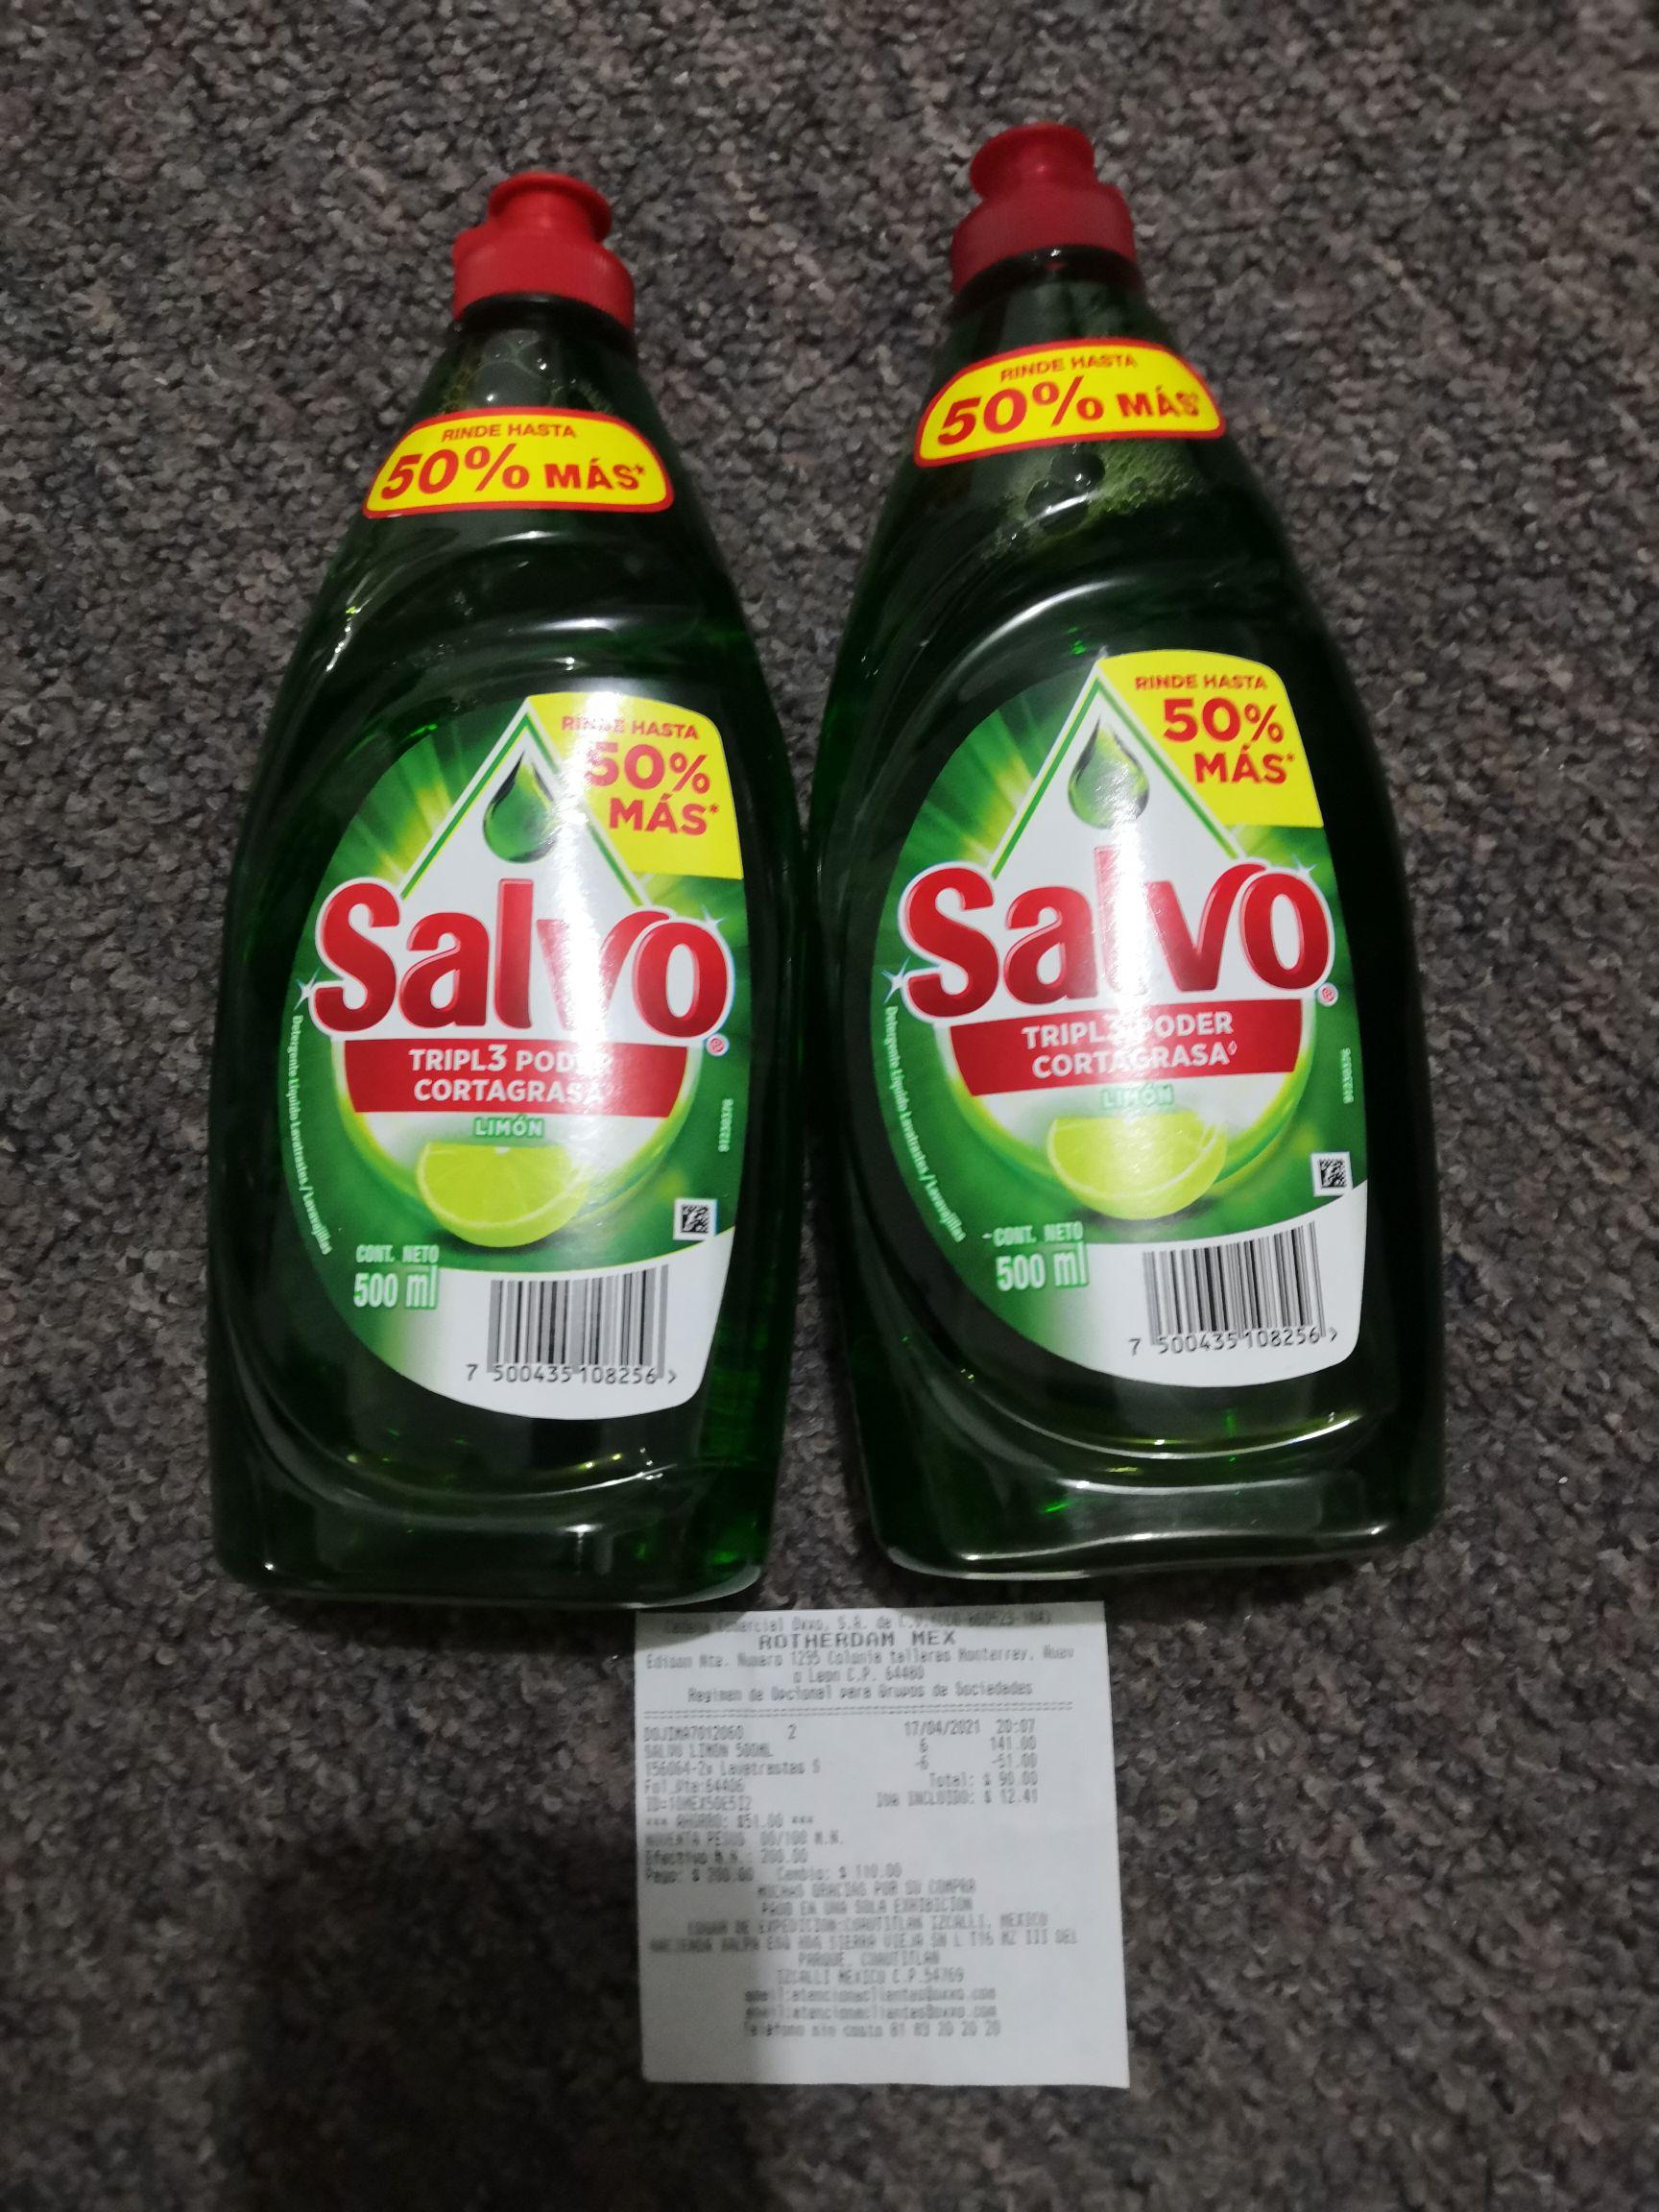 Oxxo: Jabón Salvo líquido de 500 ML al 2x1 en Oxxo